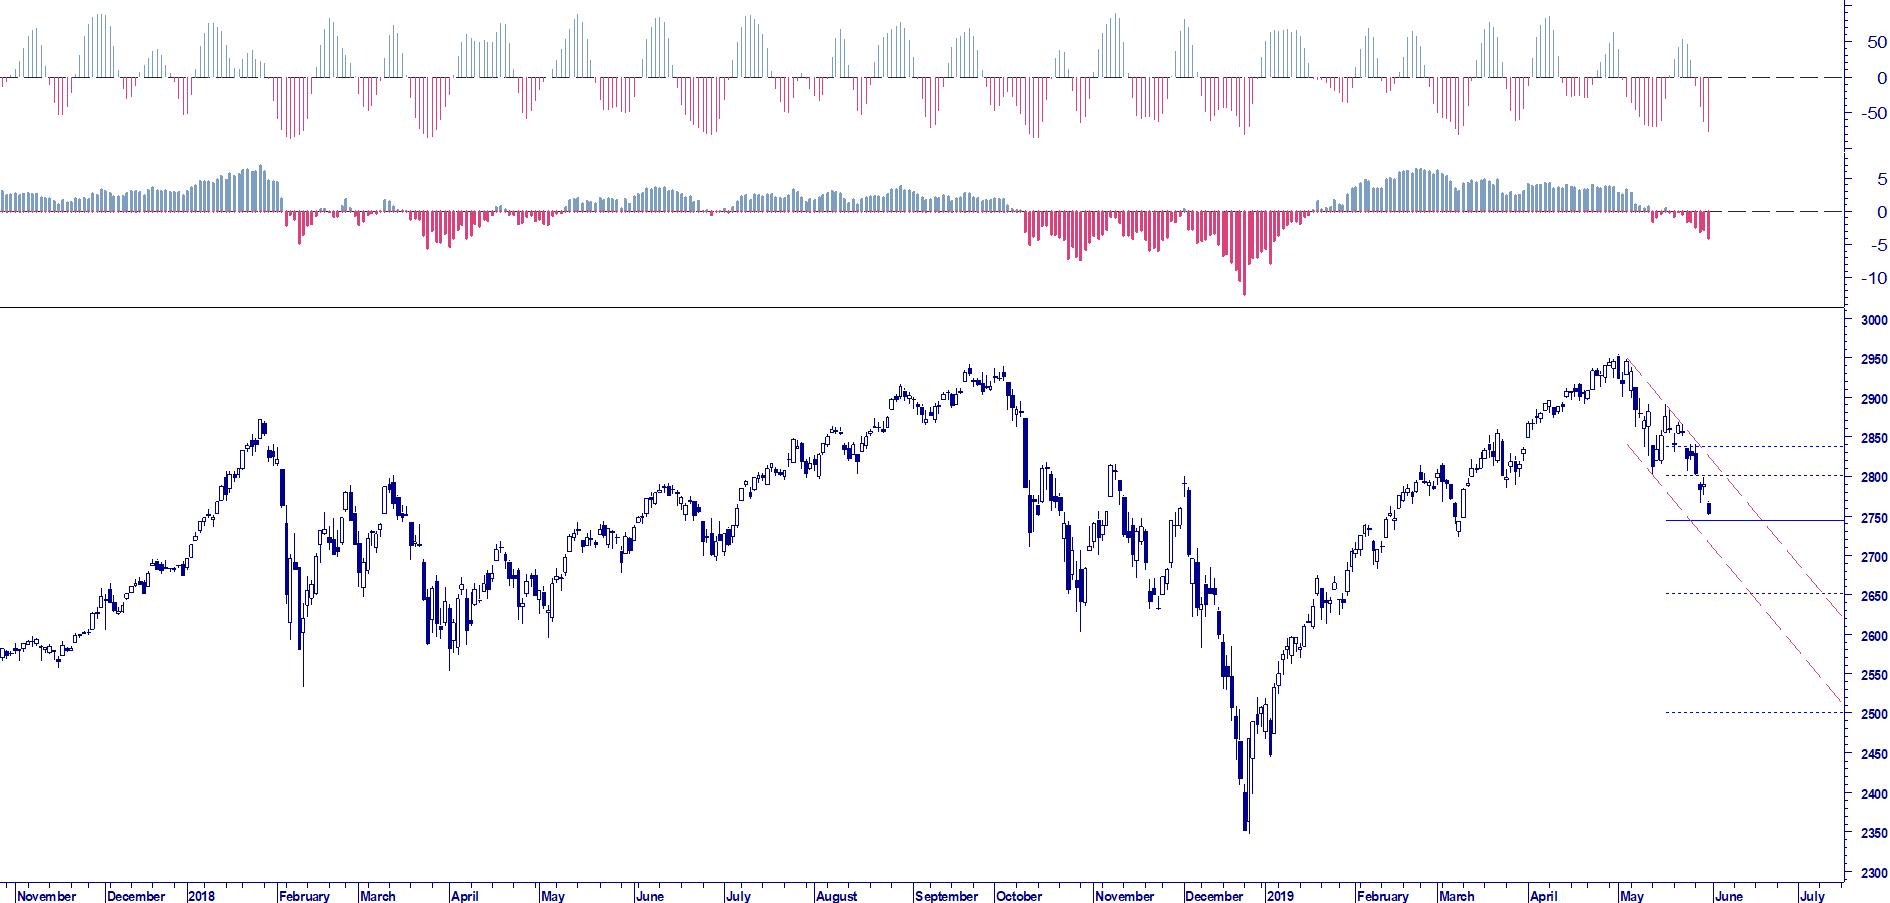 WB ANALYTICS: S&P 500